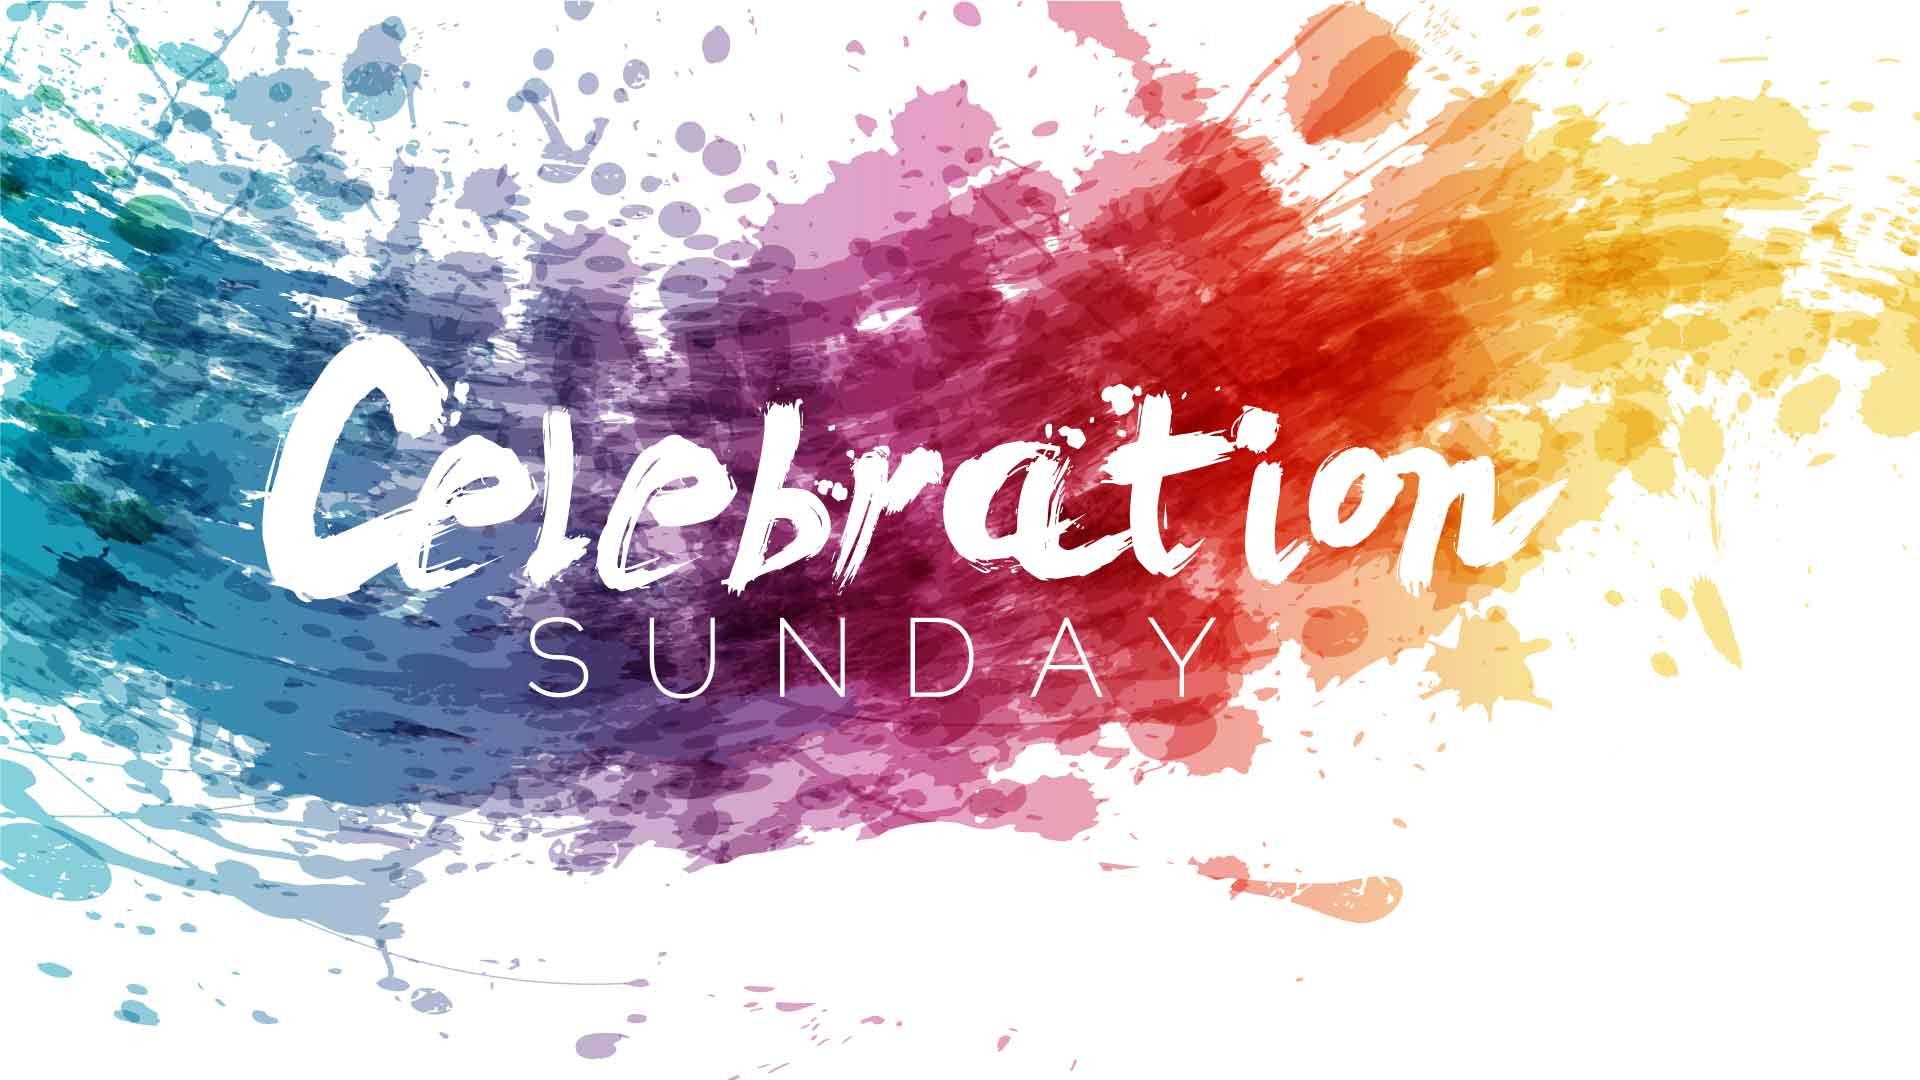 Celebration-Sunday-web